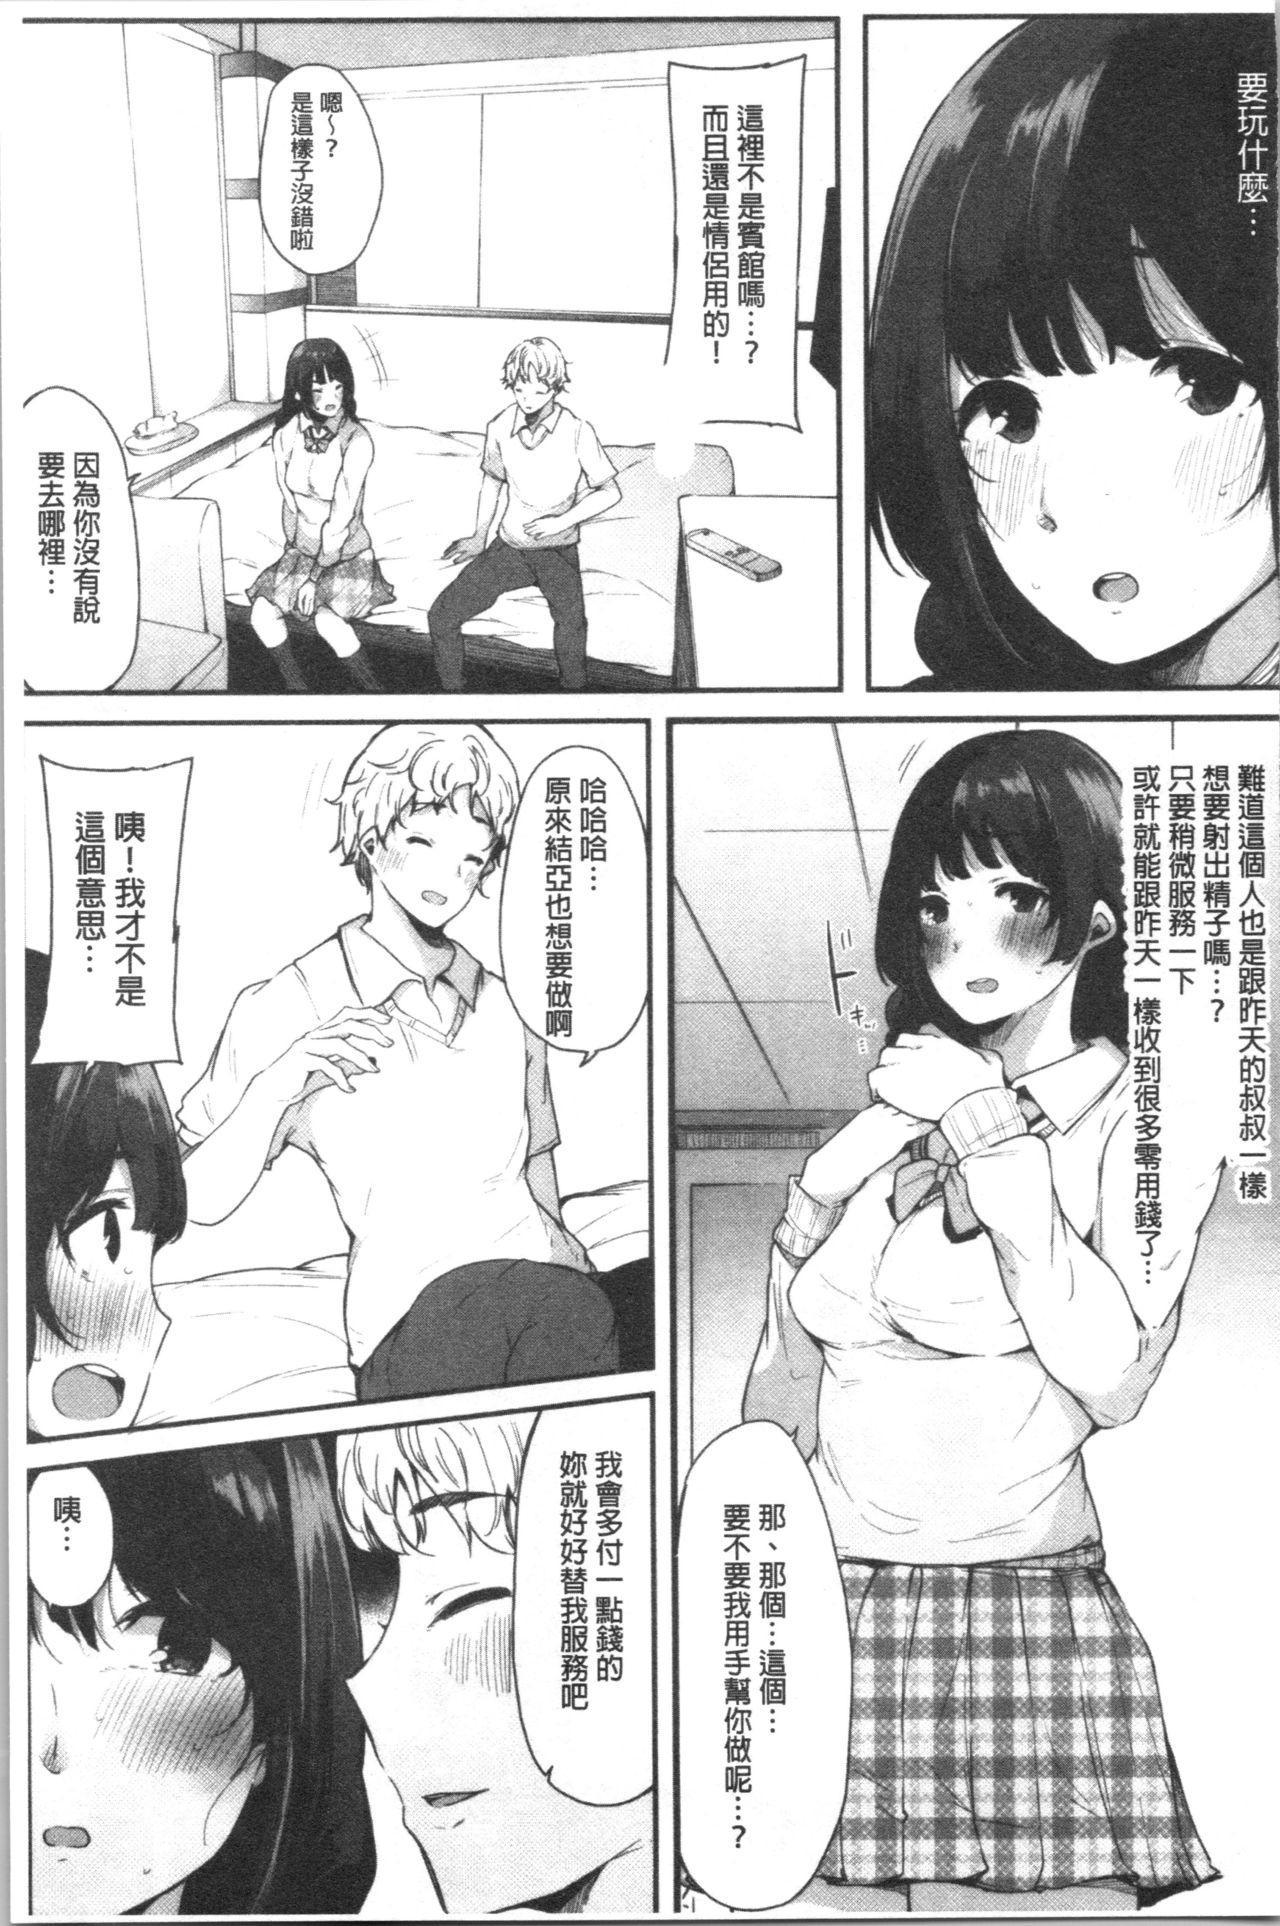 Hametomo Onna Tomodachi ga SeFri-ka shita Hi | 性愛砲友 女友們都變砲友化的日子 92